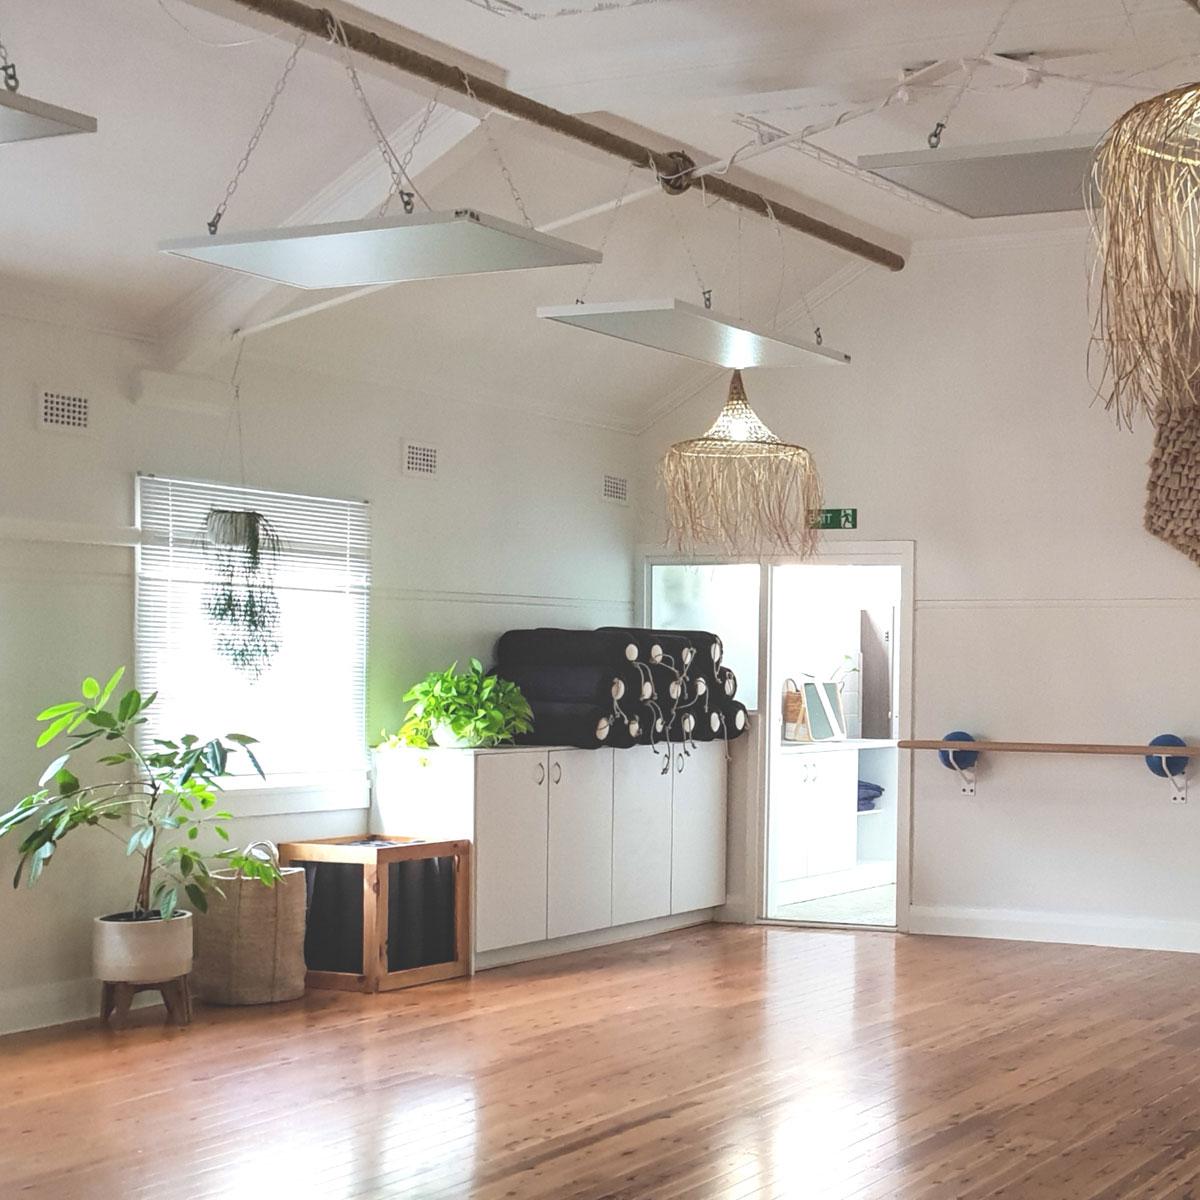 norhtside-yoga0barre-studio